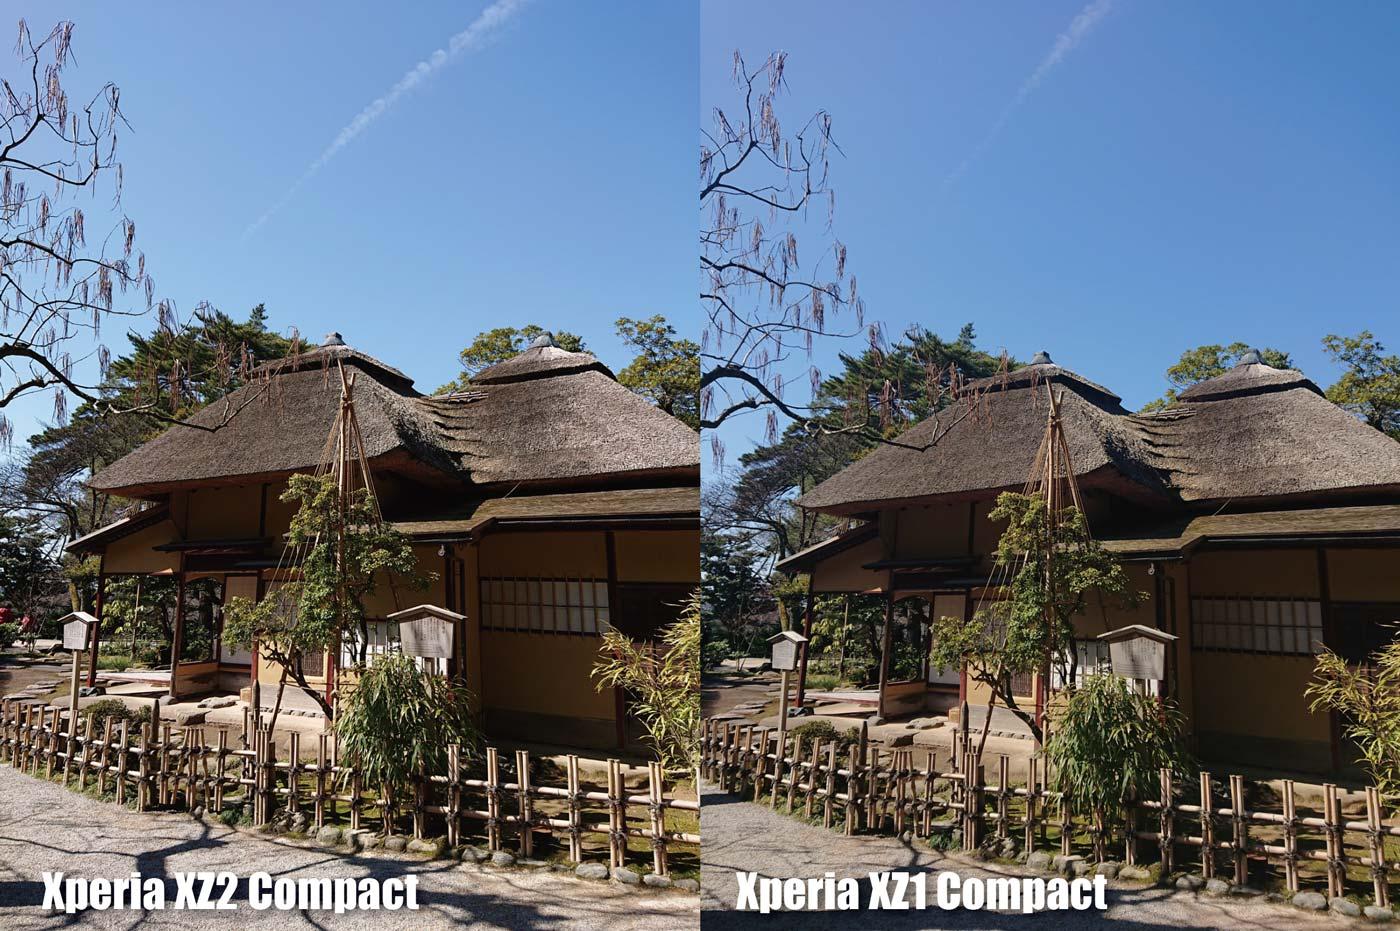 Xperia XZ2 Compact vs XZ1 Compact カメラの画質を比較